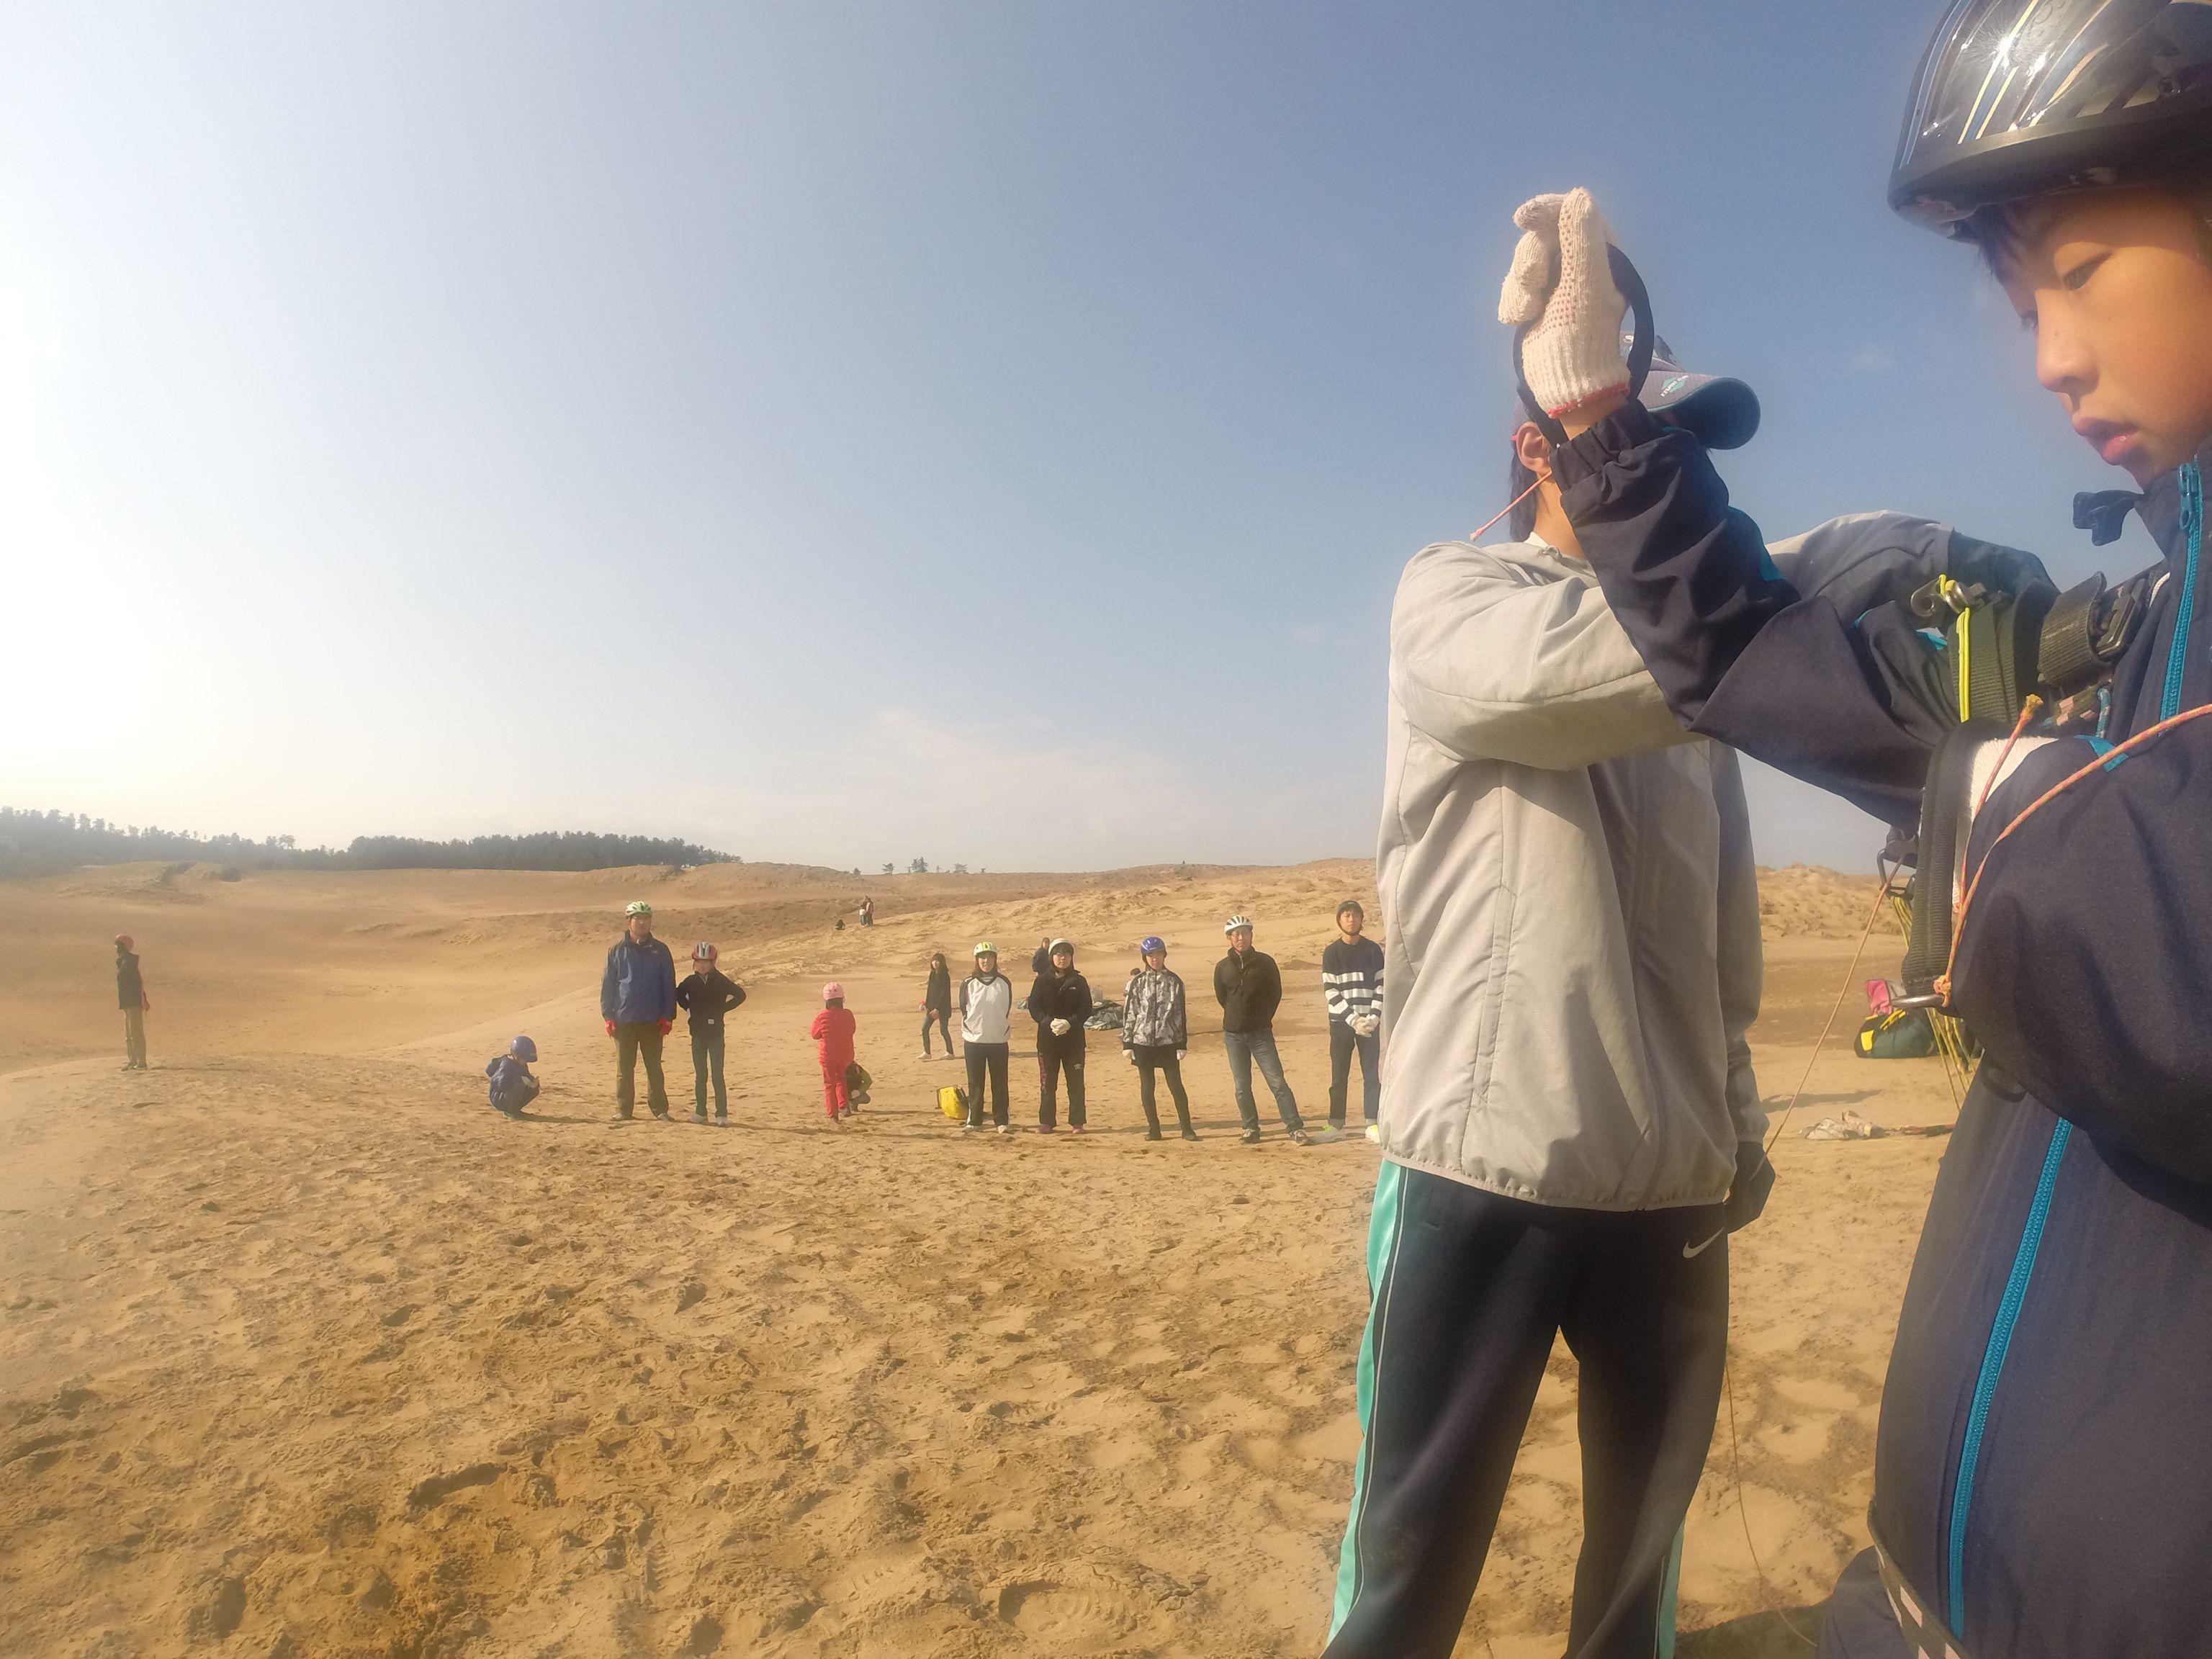 寒いと思ったら、急に暑くなってきた鳥取砂丘